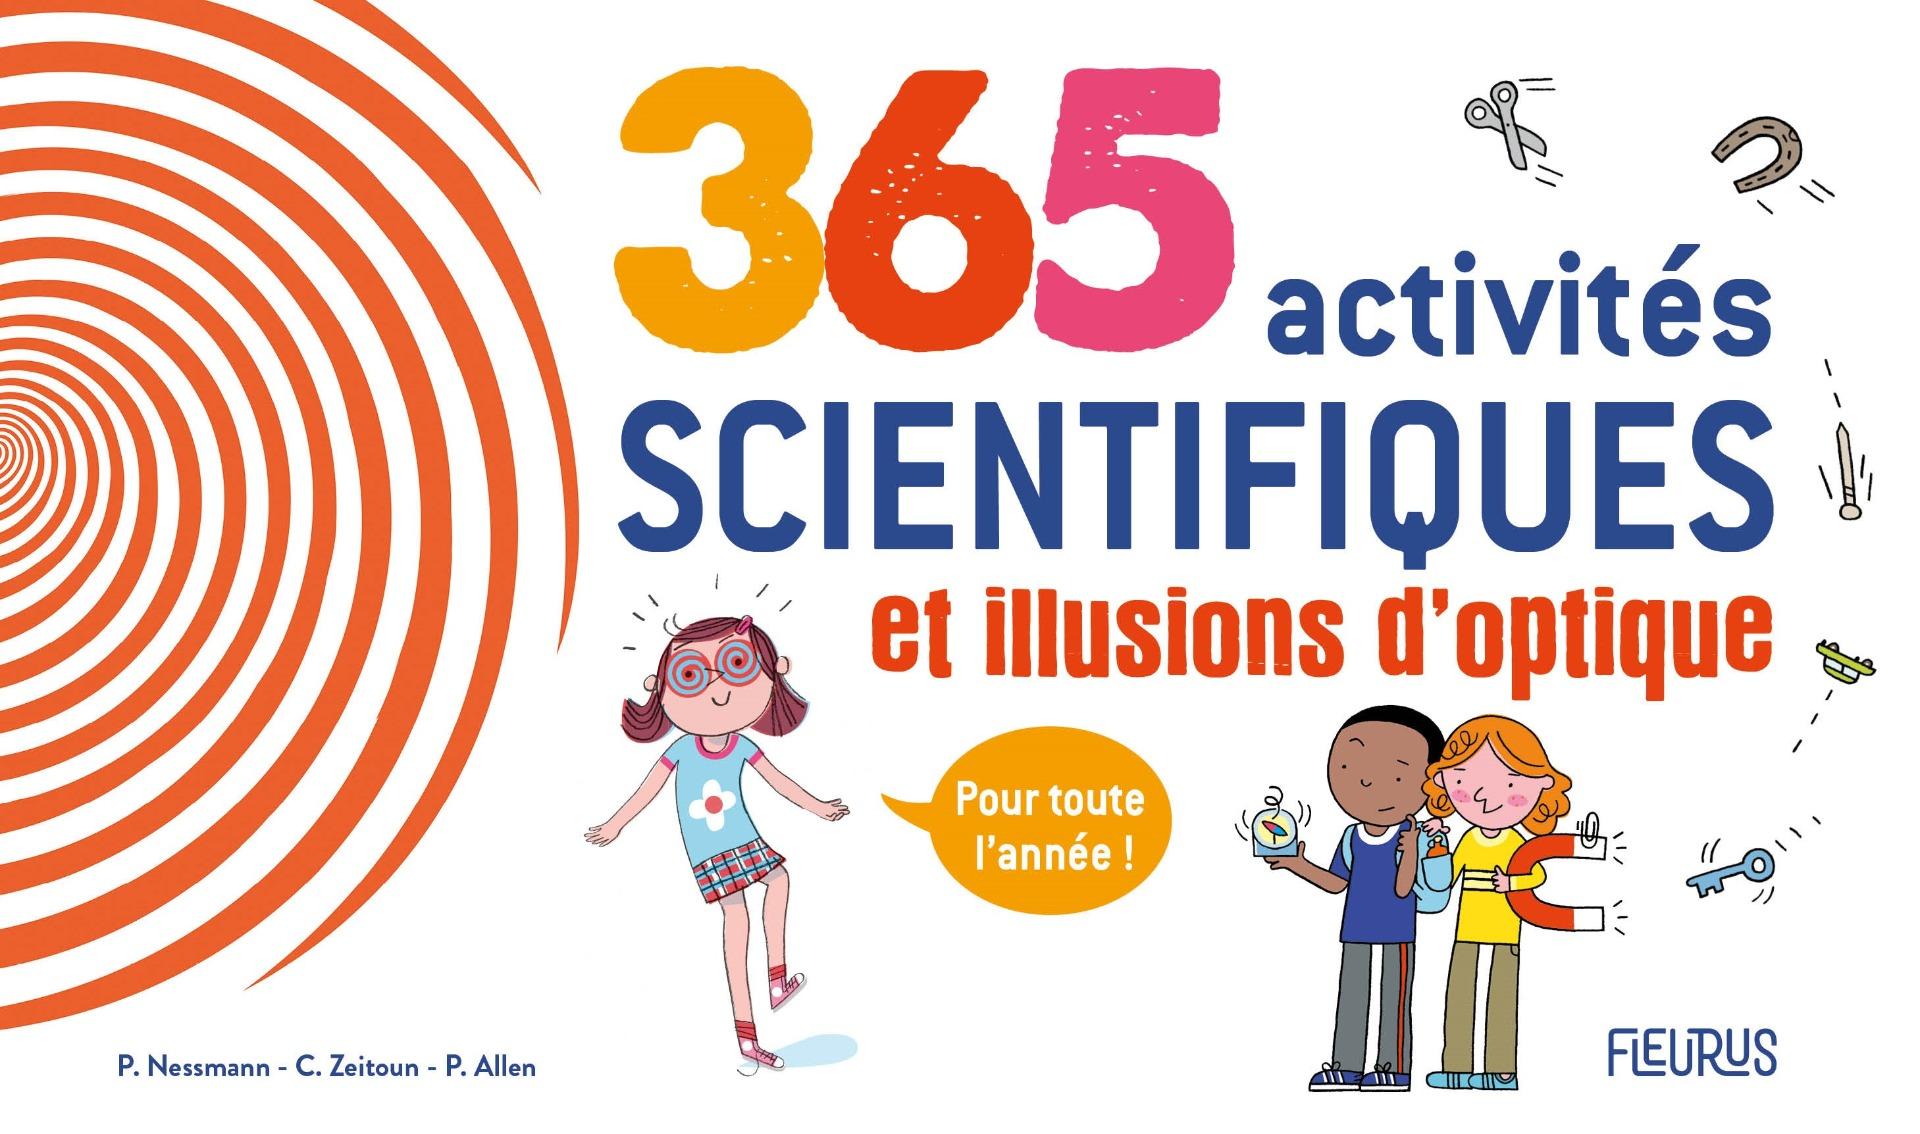 Couverture 365 activités scientifiques et illusions d'optique,  de P. Nessmann, C. Zeitoun et P. Allen